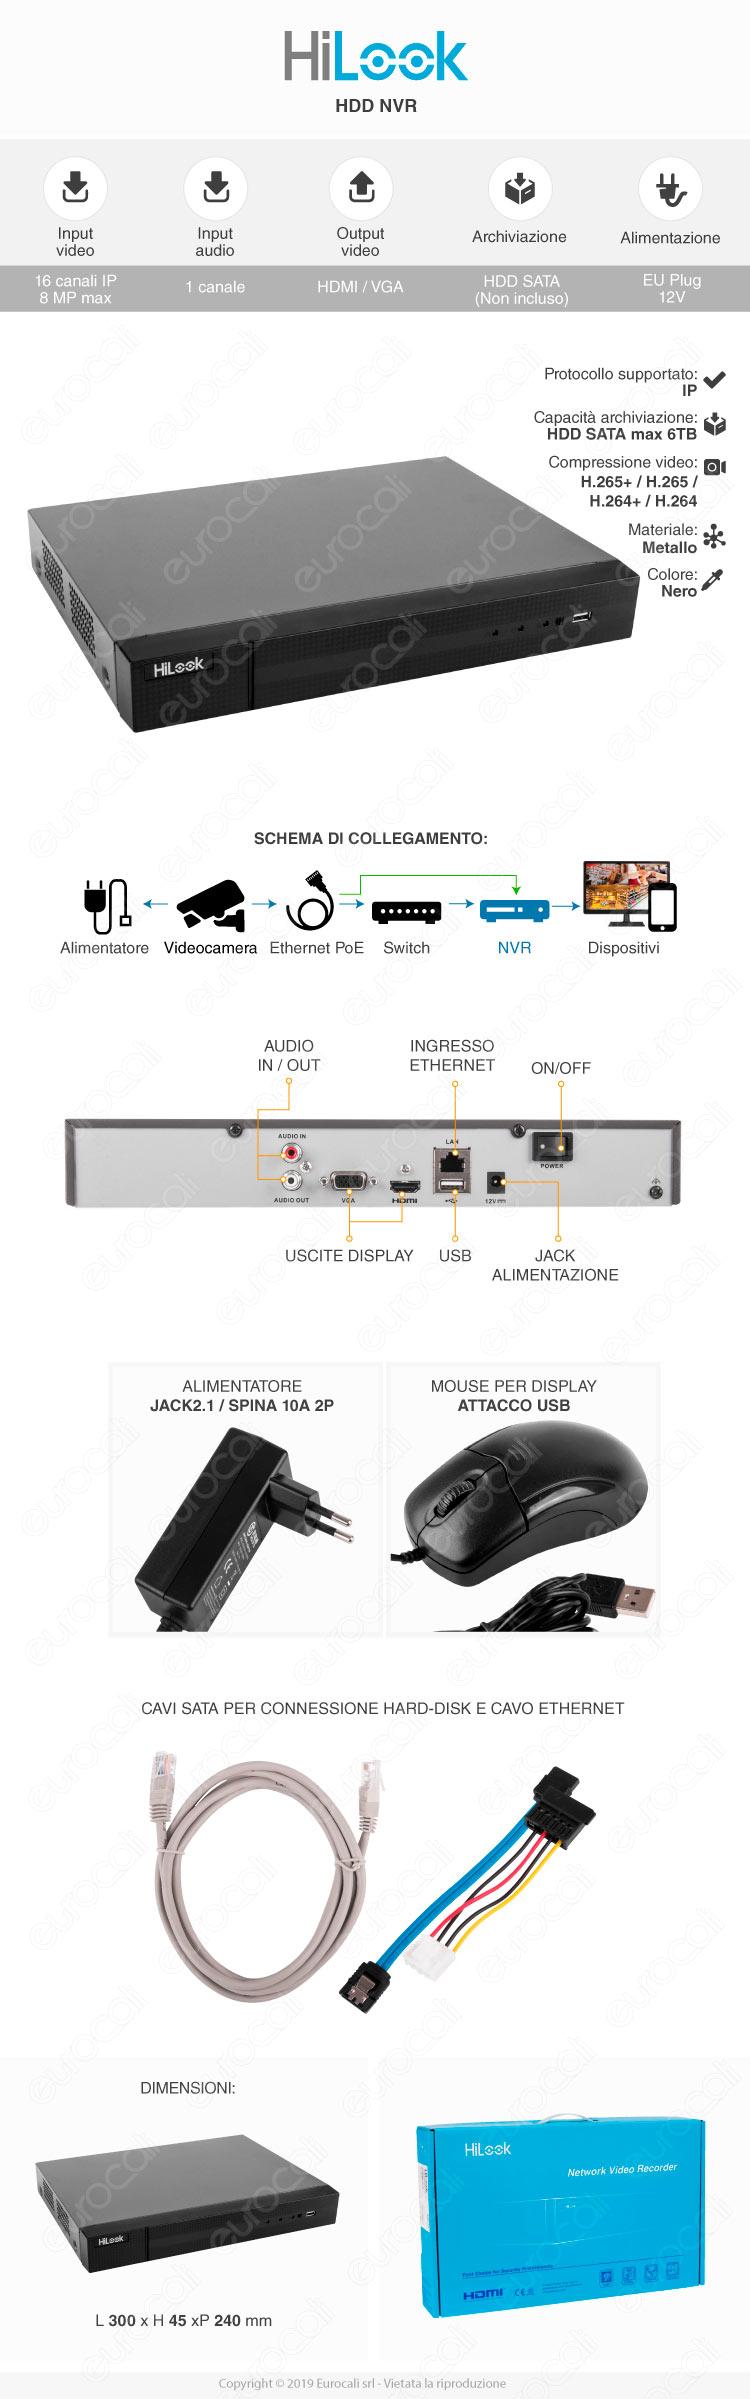 HiLook Network Video Recorder